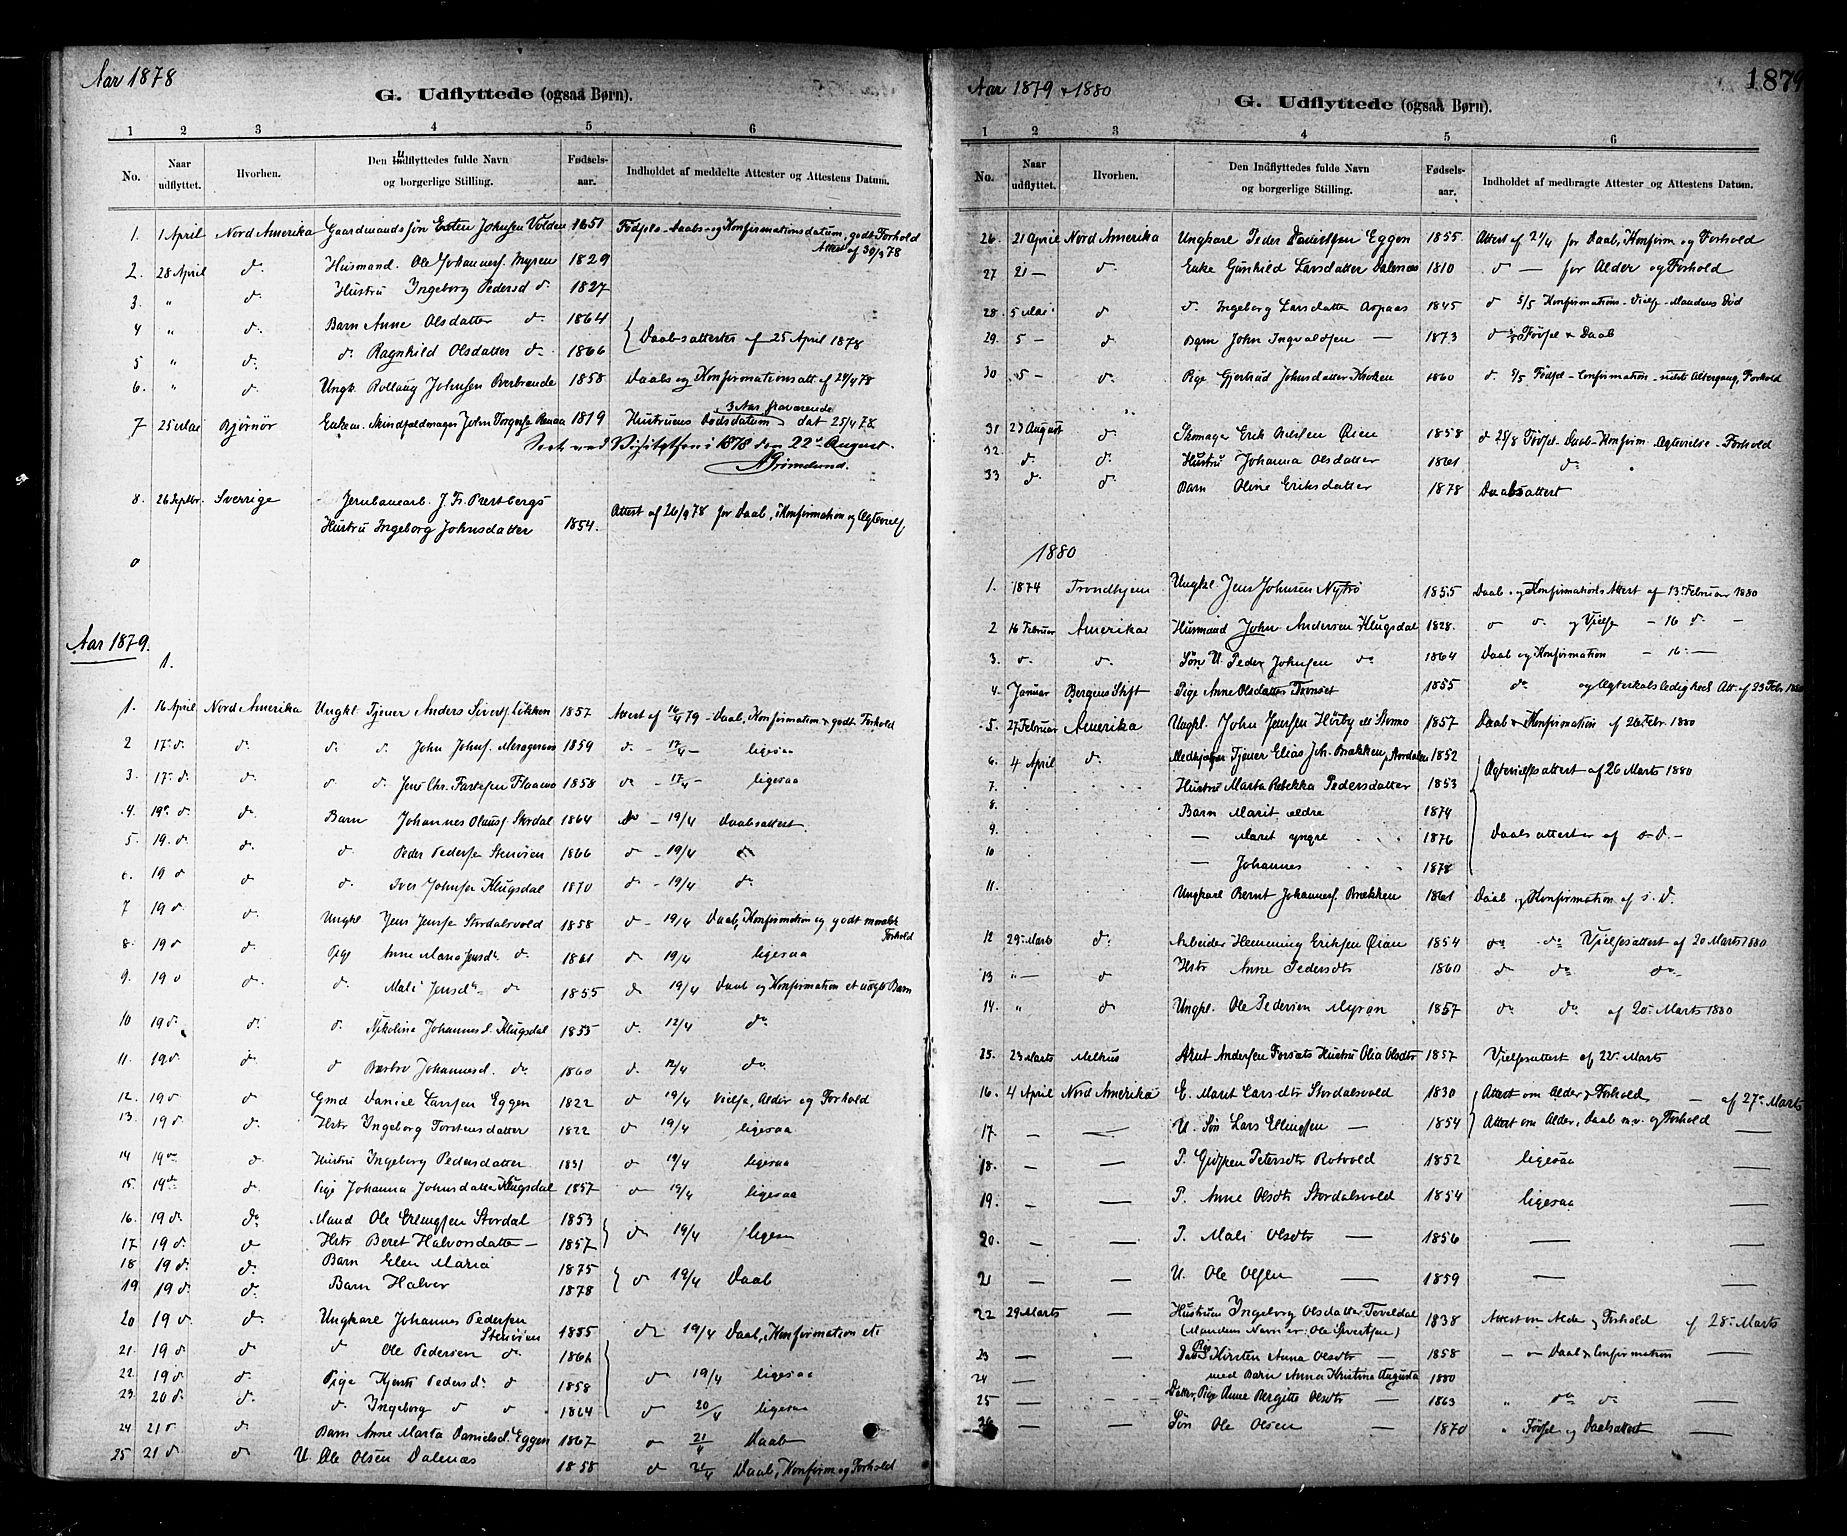 SAT, Ministerialprotokoller, klokkerbøker og fødselsregistre - Nord-Trøndelag, 706/L0047: Parish register (official) no. 706A03, 1878-1892, p. 187